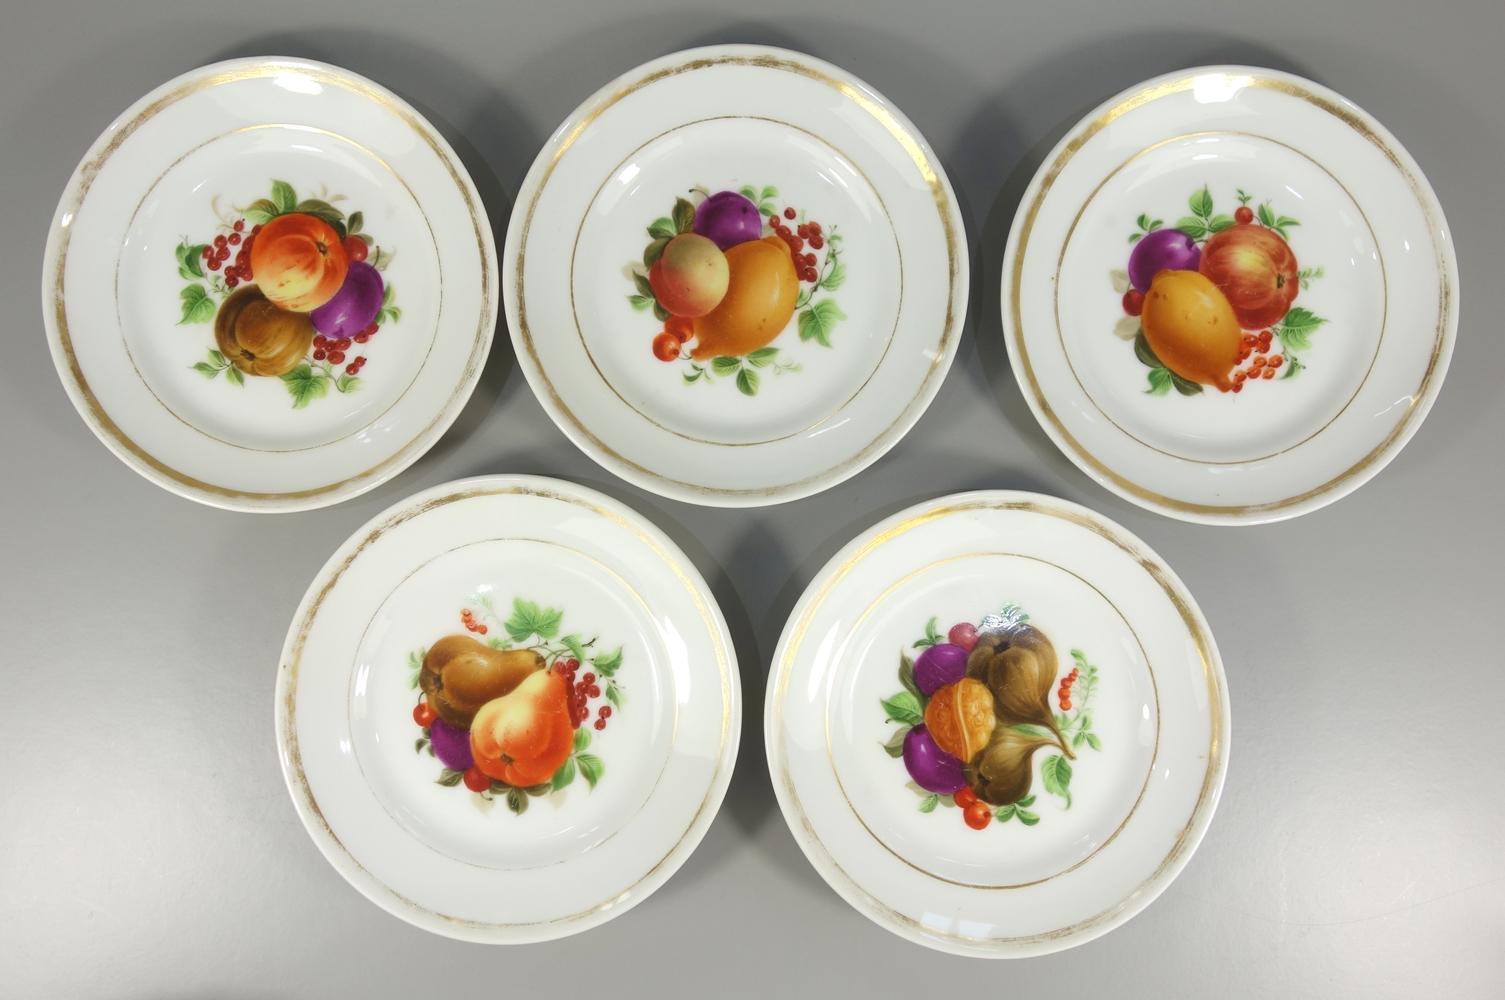 5 Teller mit Obstdekor, 2.Hälfte 19.Jh., D.16cm, Gebrauchsspuren, ohne Herstellermarke, Handmalerei,